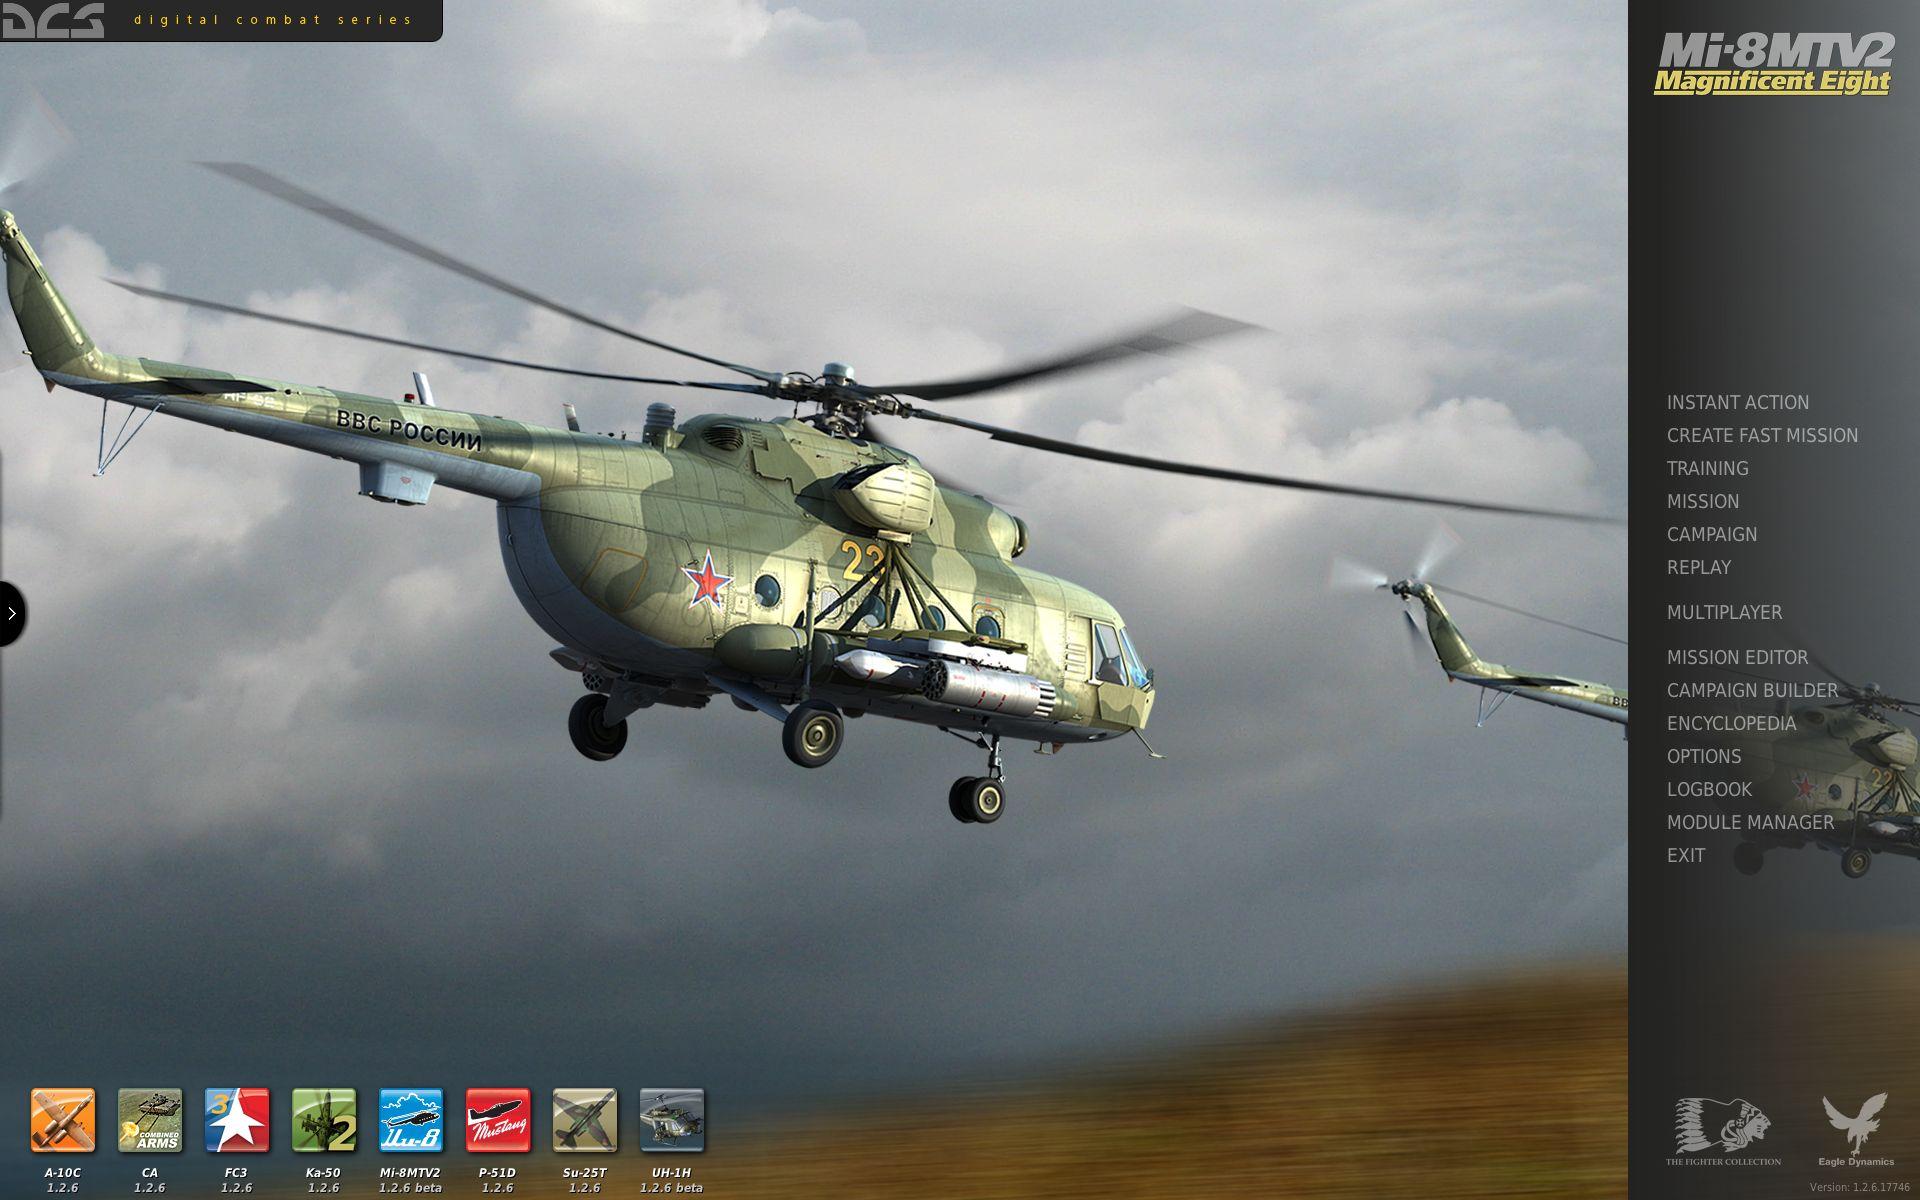 Mi-8MTV2 Menu